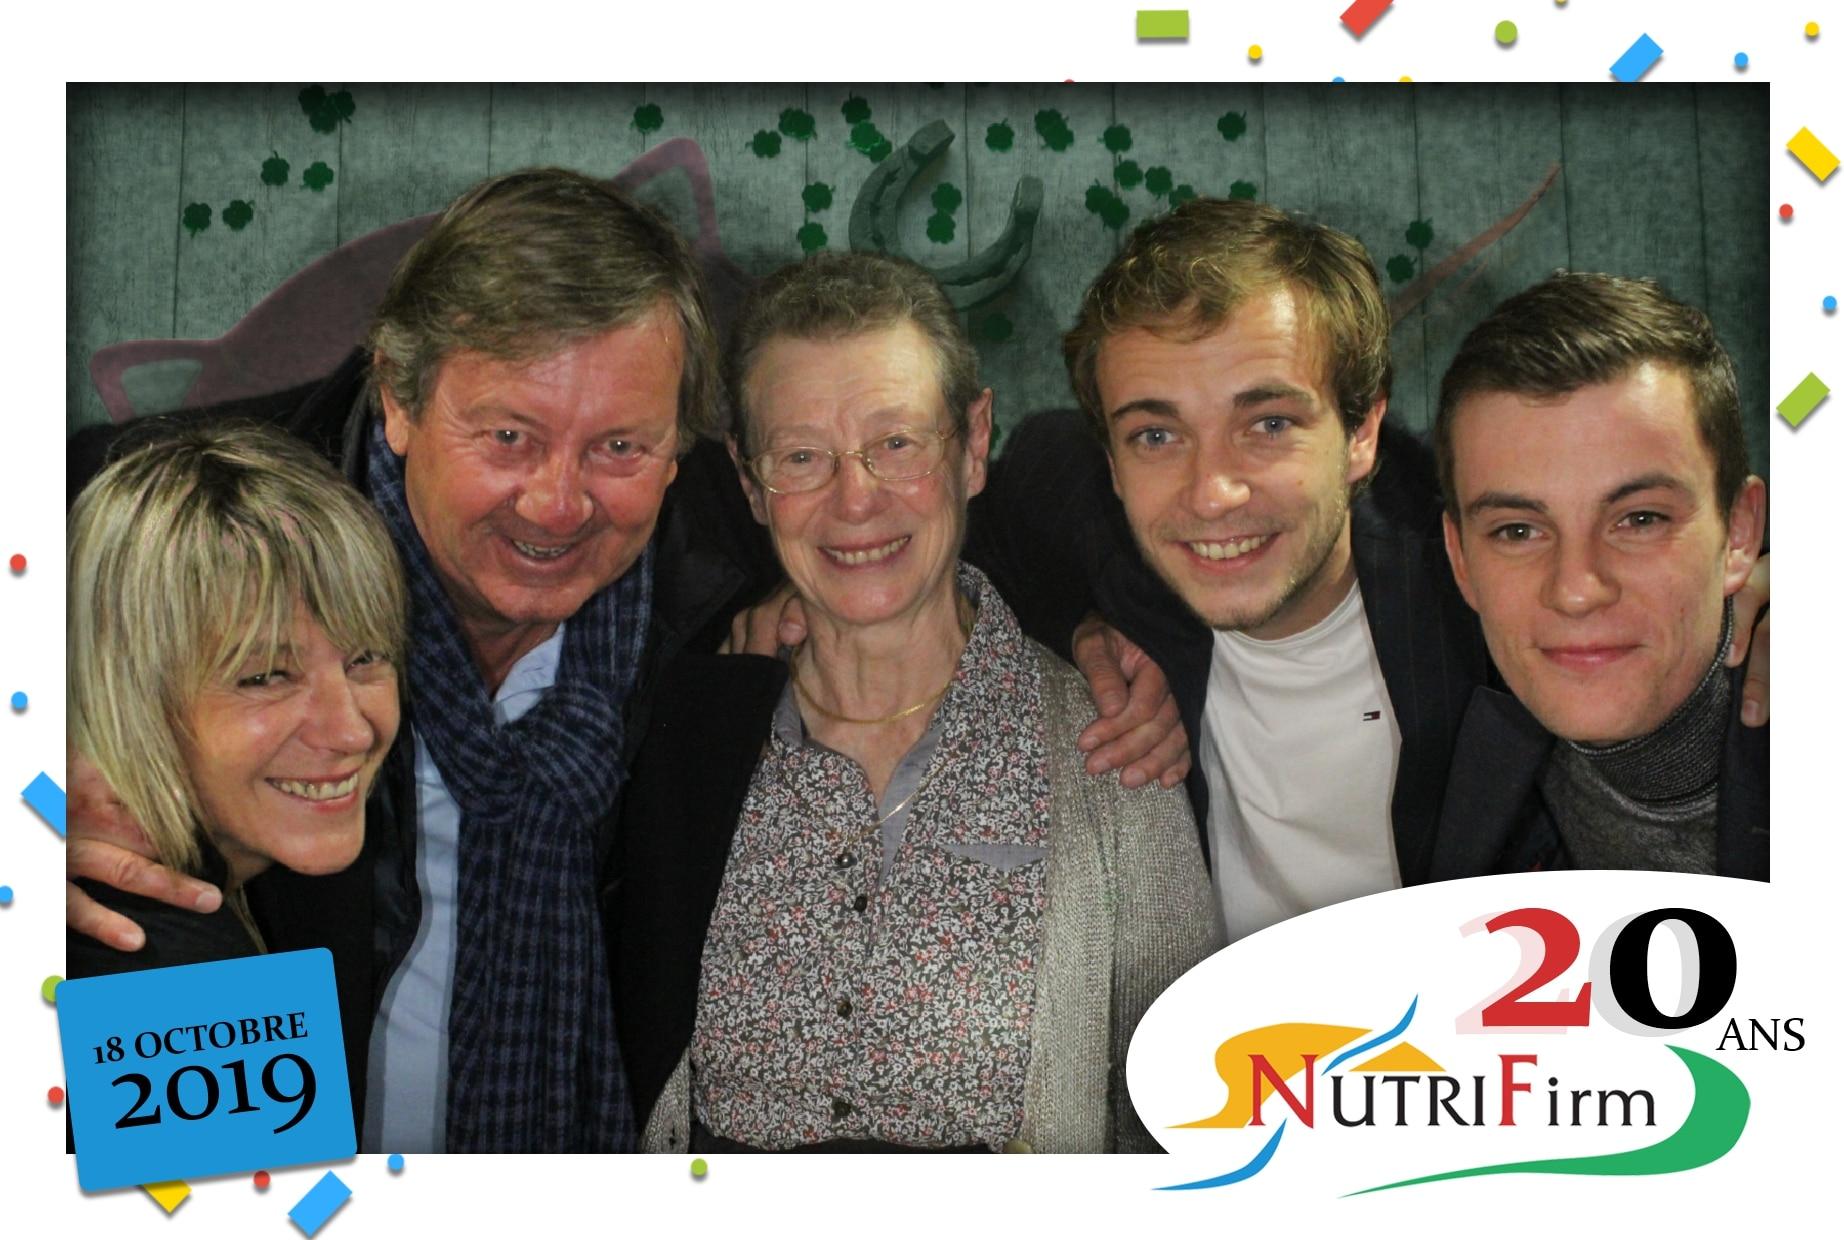 Animation selfie avec borne photo et fond vert à l'anniversaire des 20 ans de Nutrifirm au Palais des Congrès de Pontivy dans le Morbihan